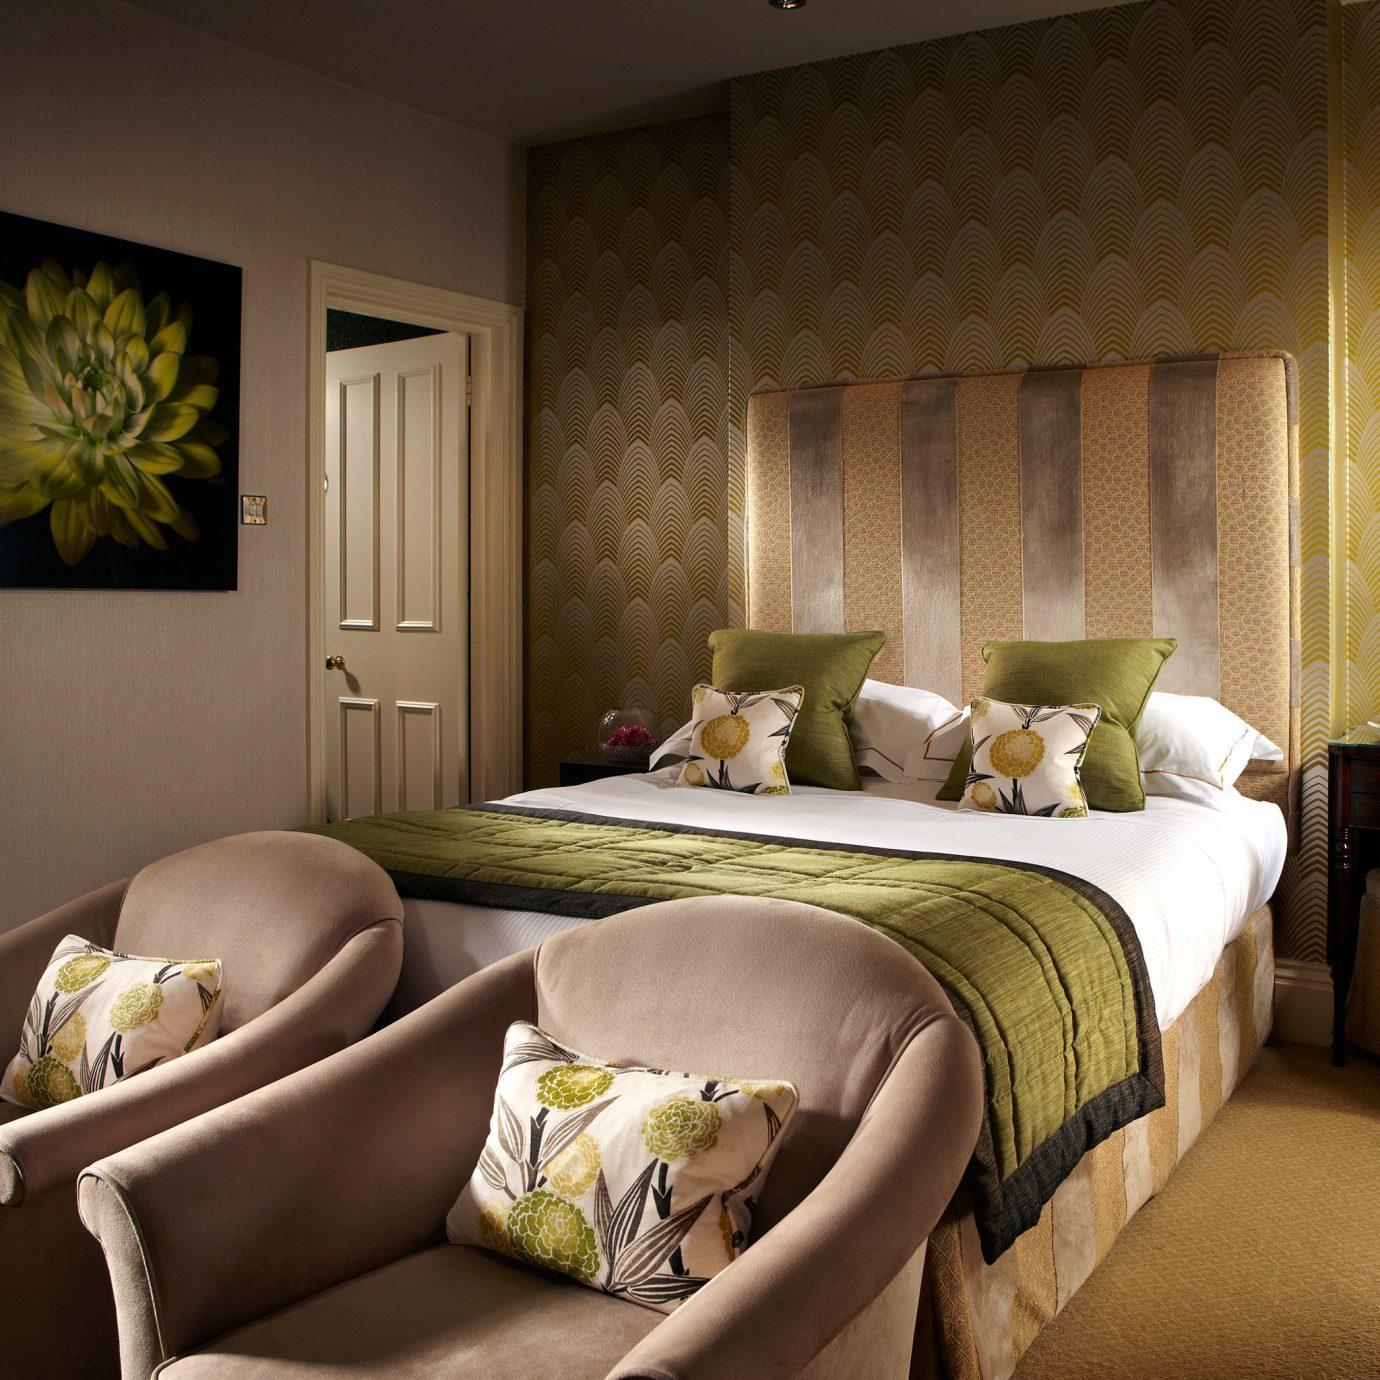 Bedroom Elegant Modern sofa property living room home Suite cottage